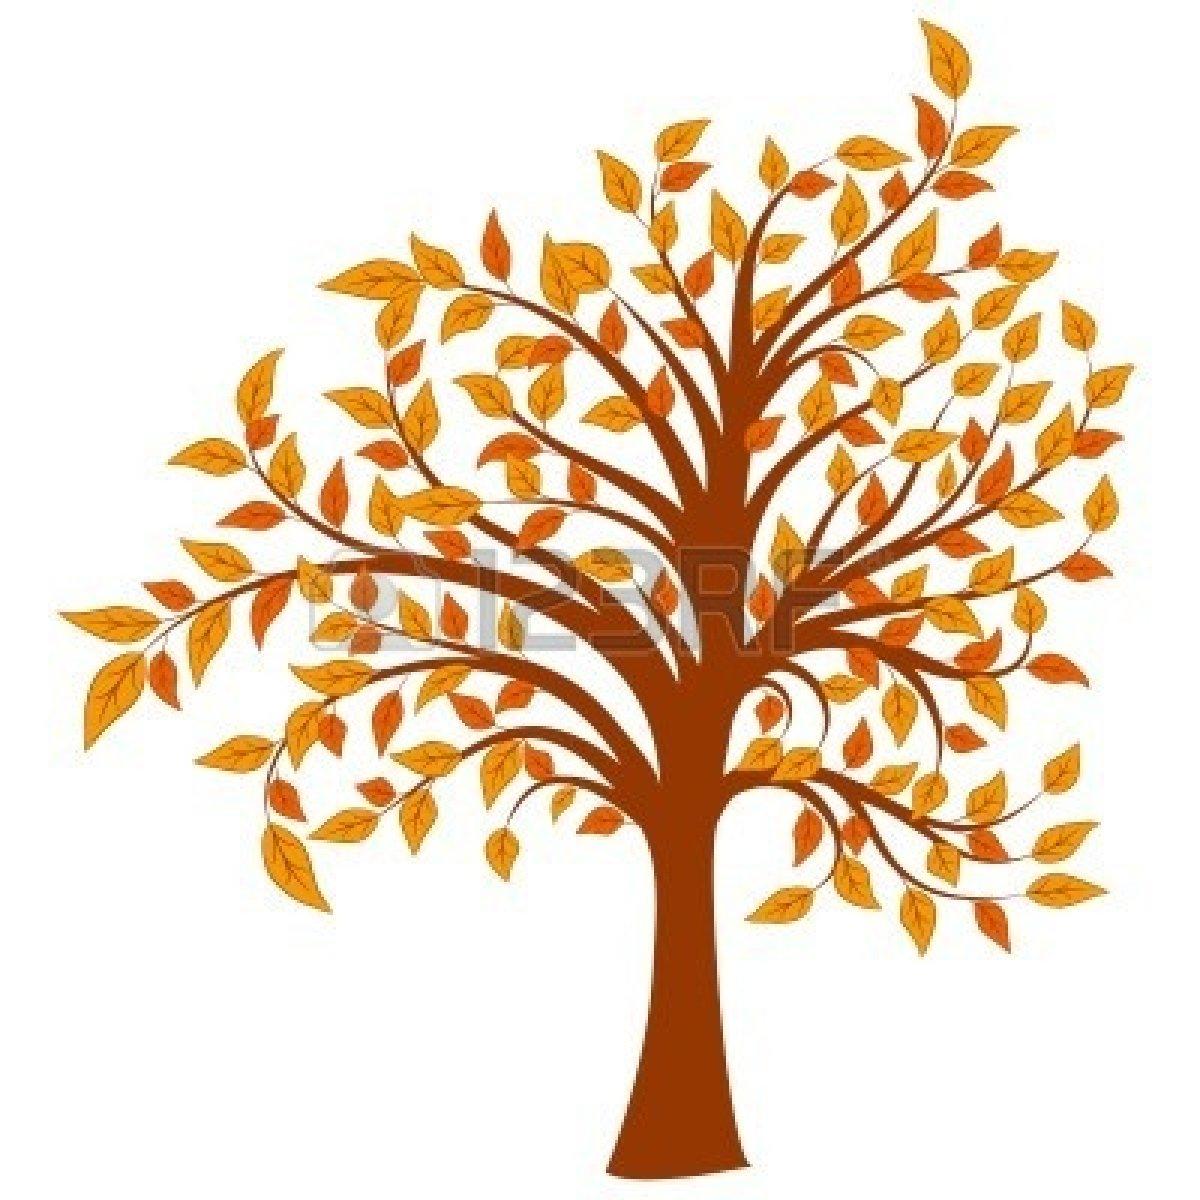 1200x1200 Free Family Tree Clipart